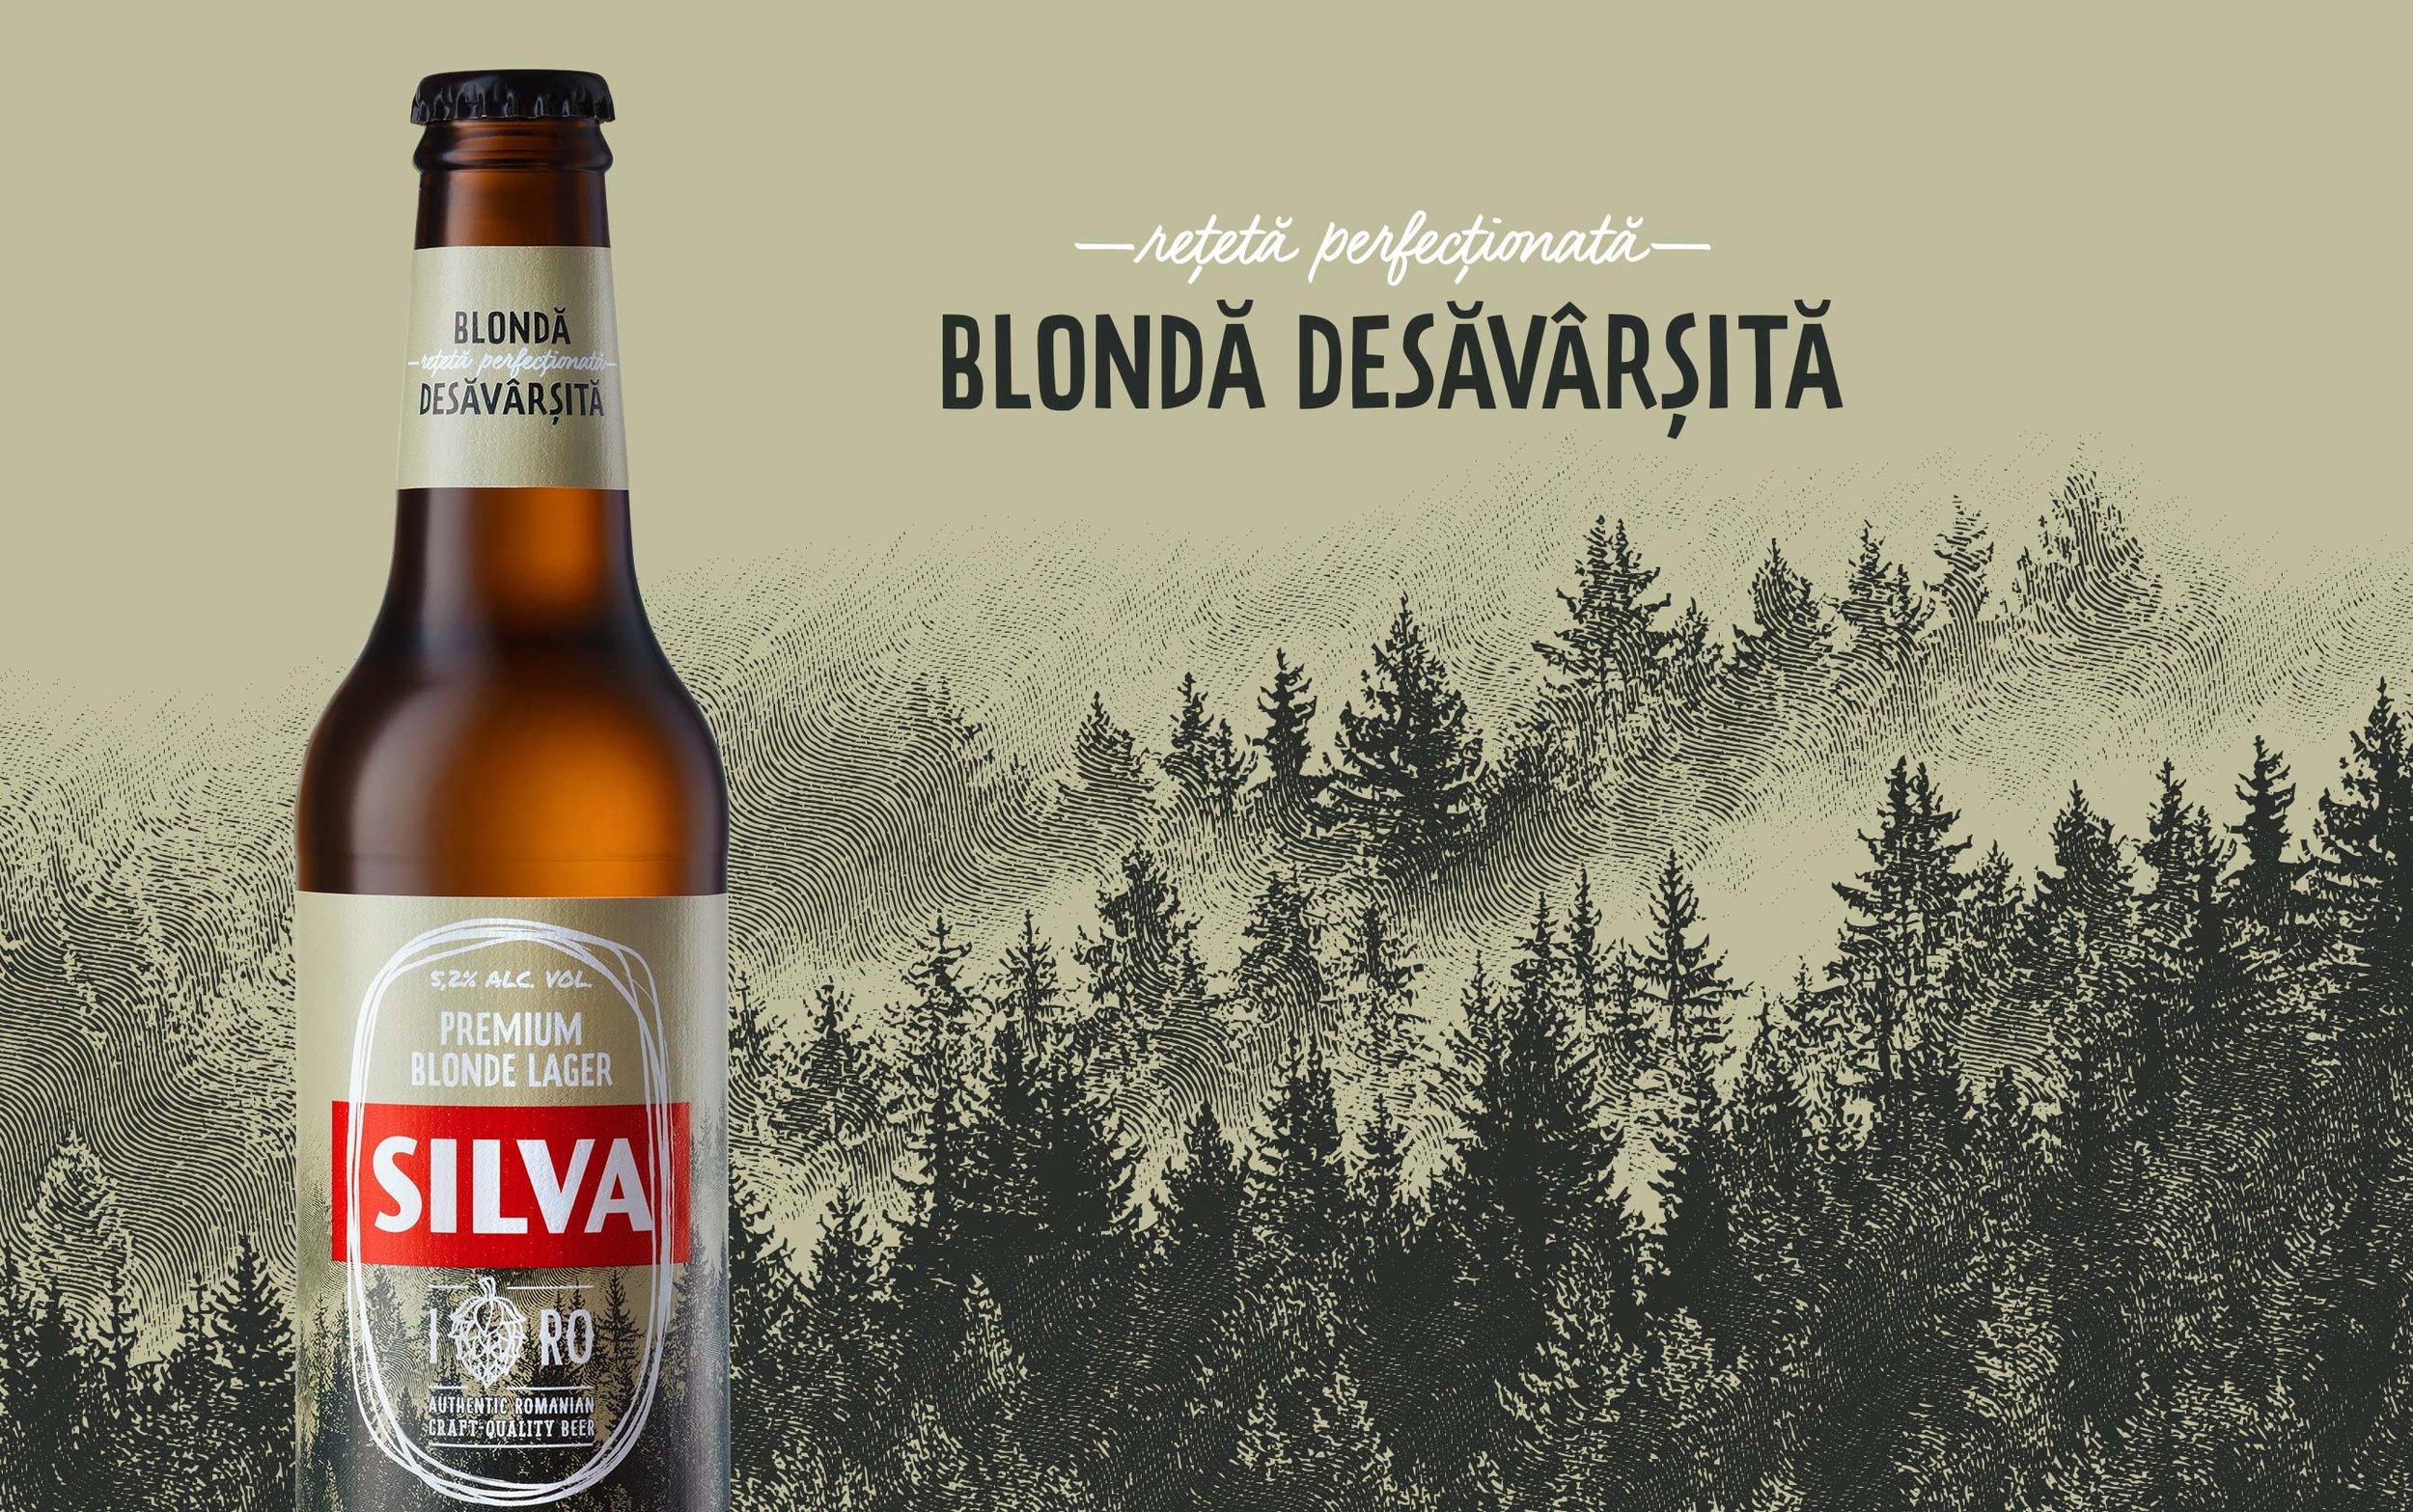 02-Silva-Packaging-Design-Premium-Blonde-Lager-by-Brandient.jpg